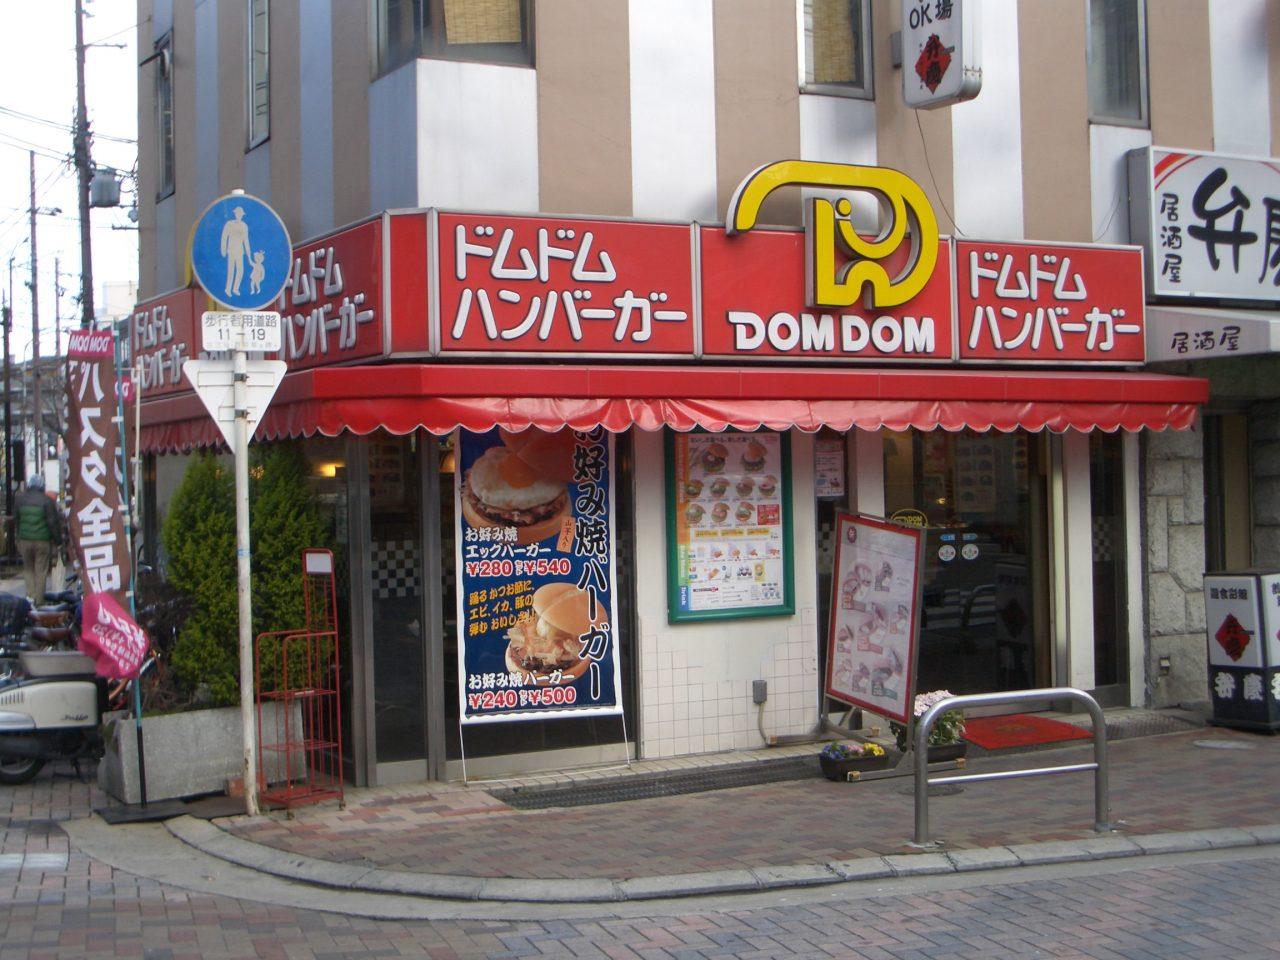 元祖ハンバーガー店「ドムドム」が続々閉店…